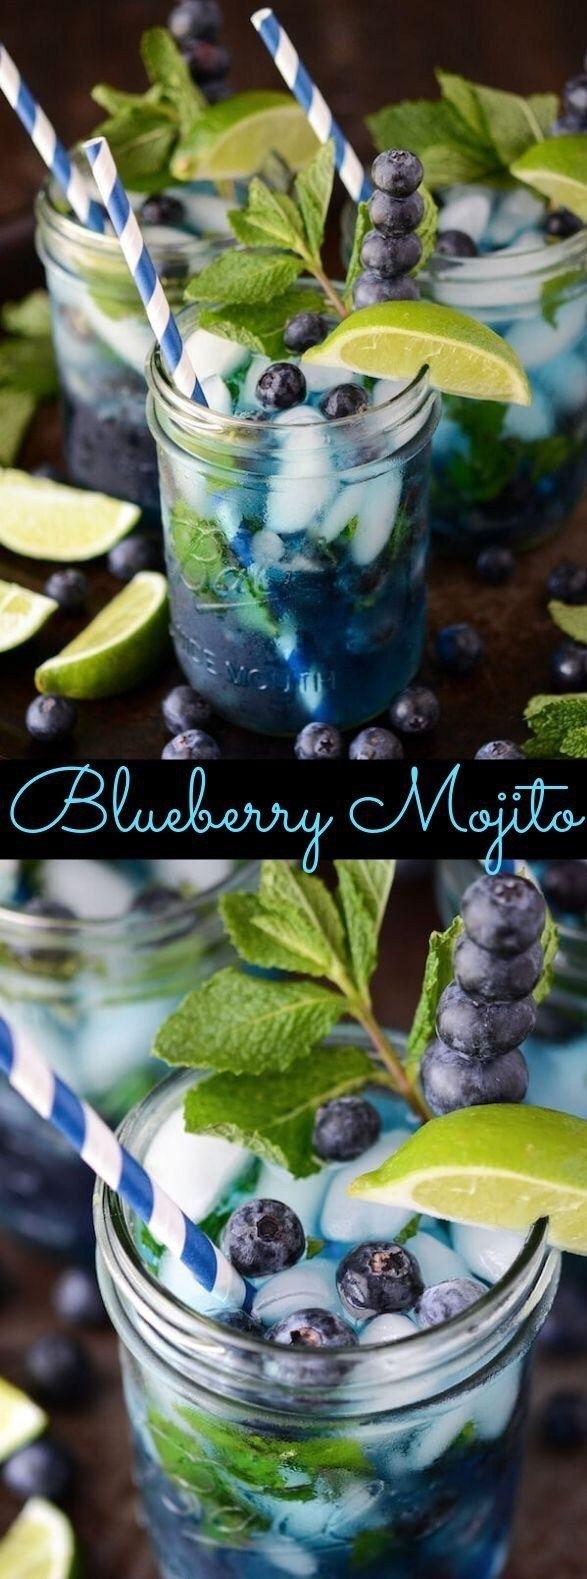 Blueberry Mojito | The Novice Chef